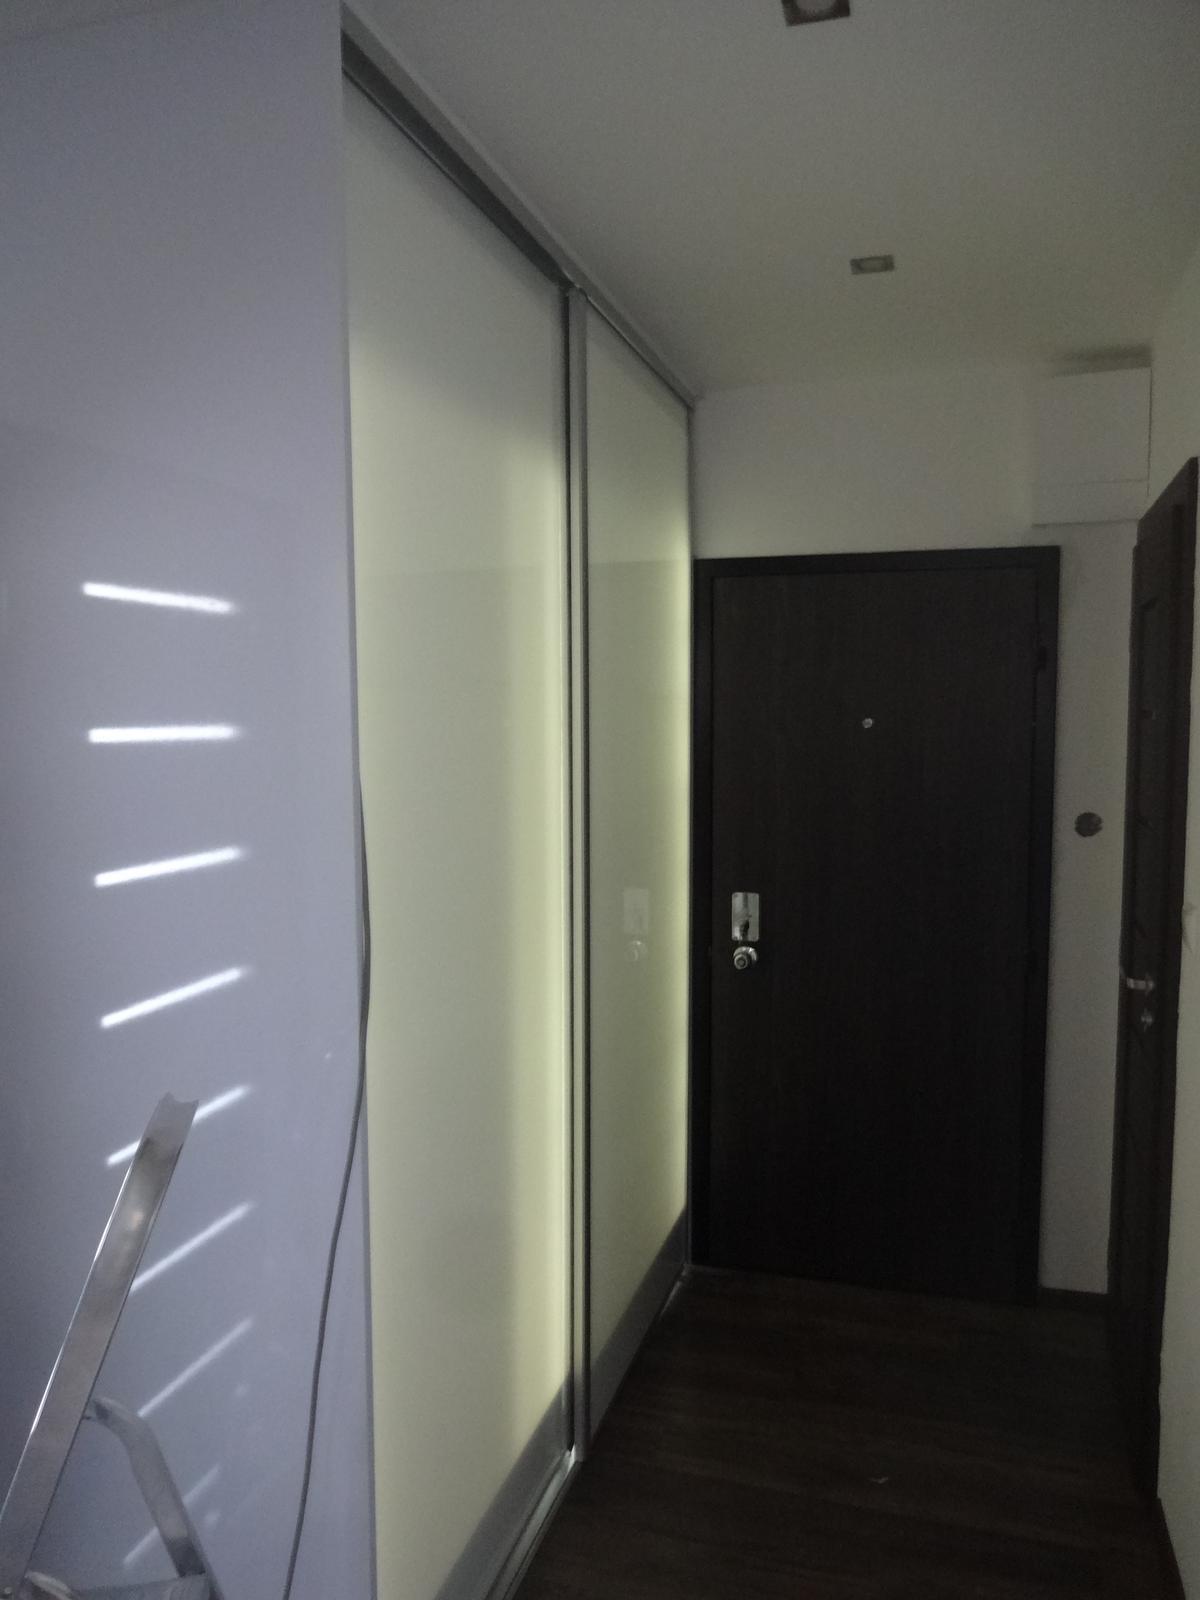 Ďalšie vstavané skrine - Vstavaná skriňa lacobel biely,z vnútra led osvetlenie, ktoré slúži večer aj ako orientačné svetlo v predsieni, zvonka pohybový senzor